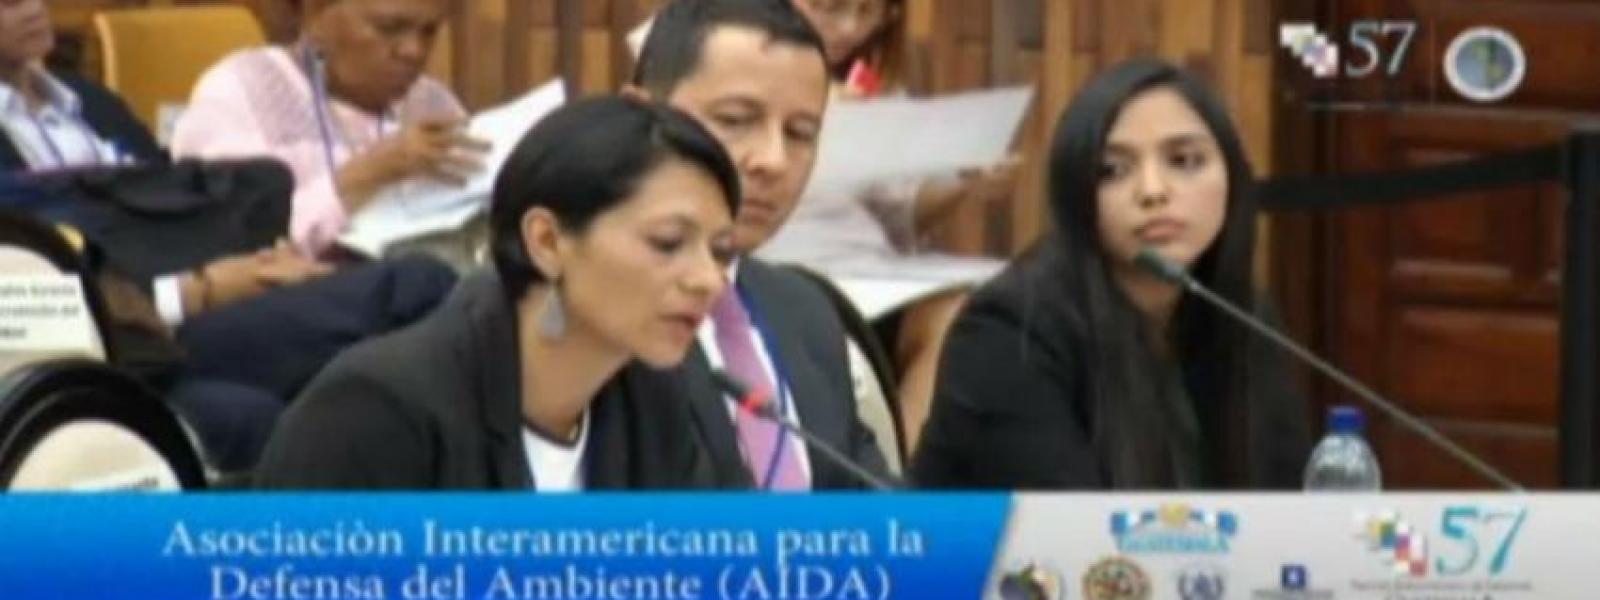 Astrid Puentes, codirectora de AIDA, interviene en la audiencia pública de solicitud de opinión consultiva presentada por el Estado de Colombia ante la Corte IDH.